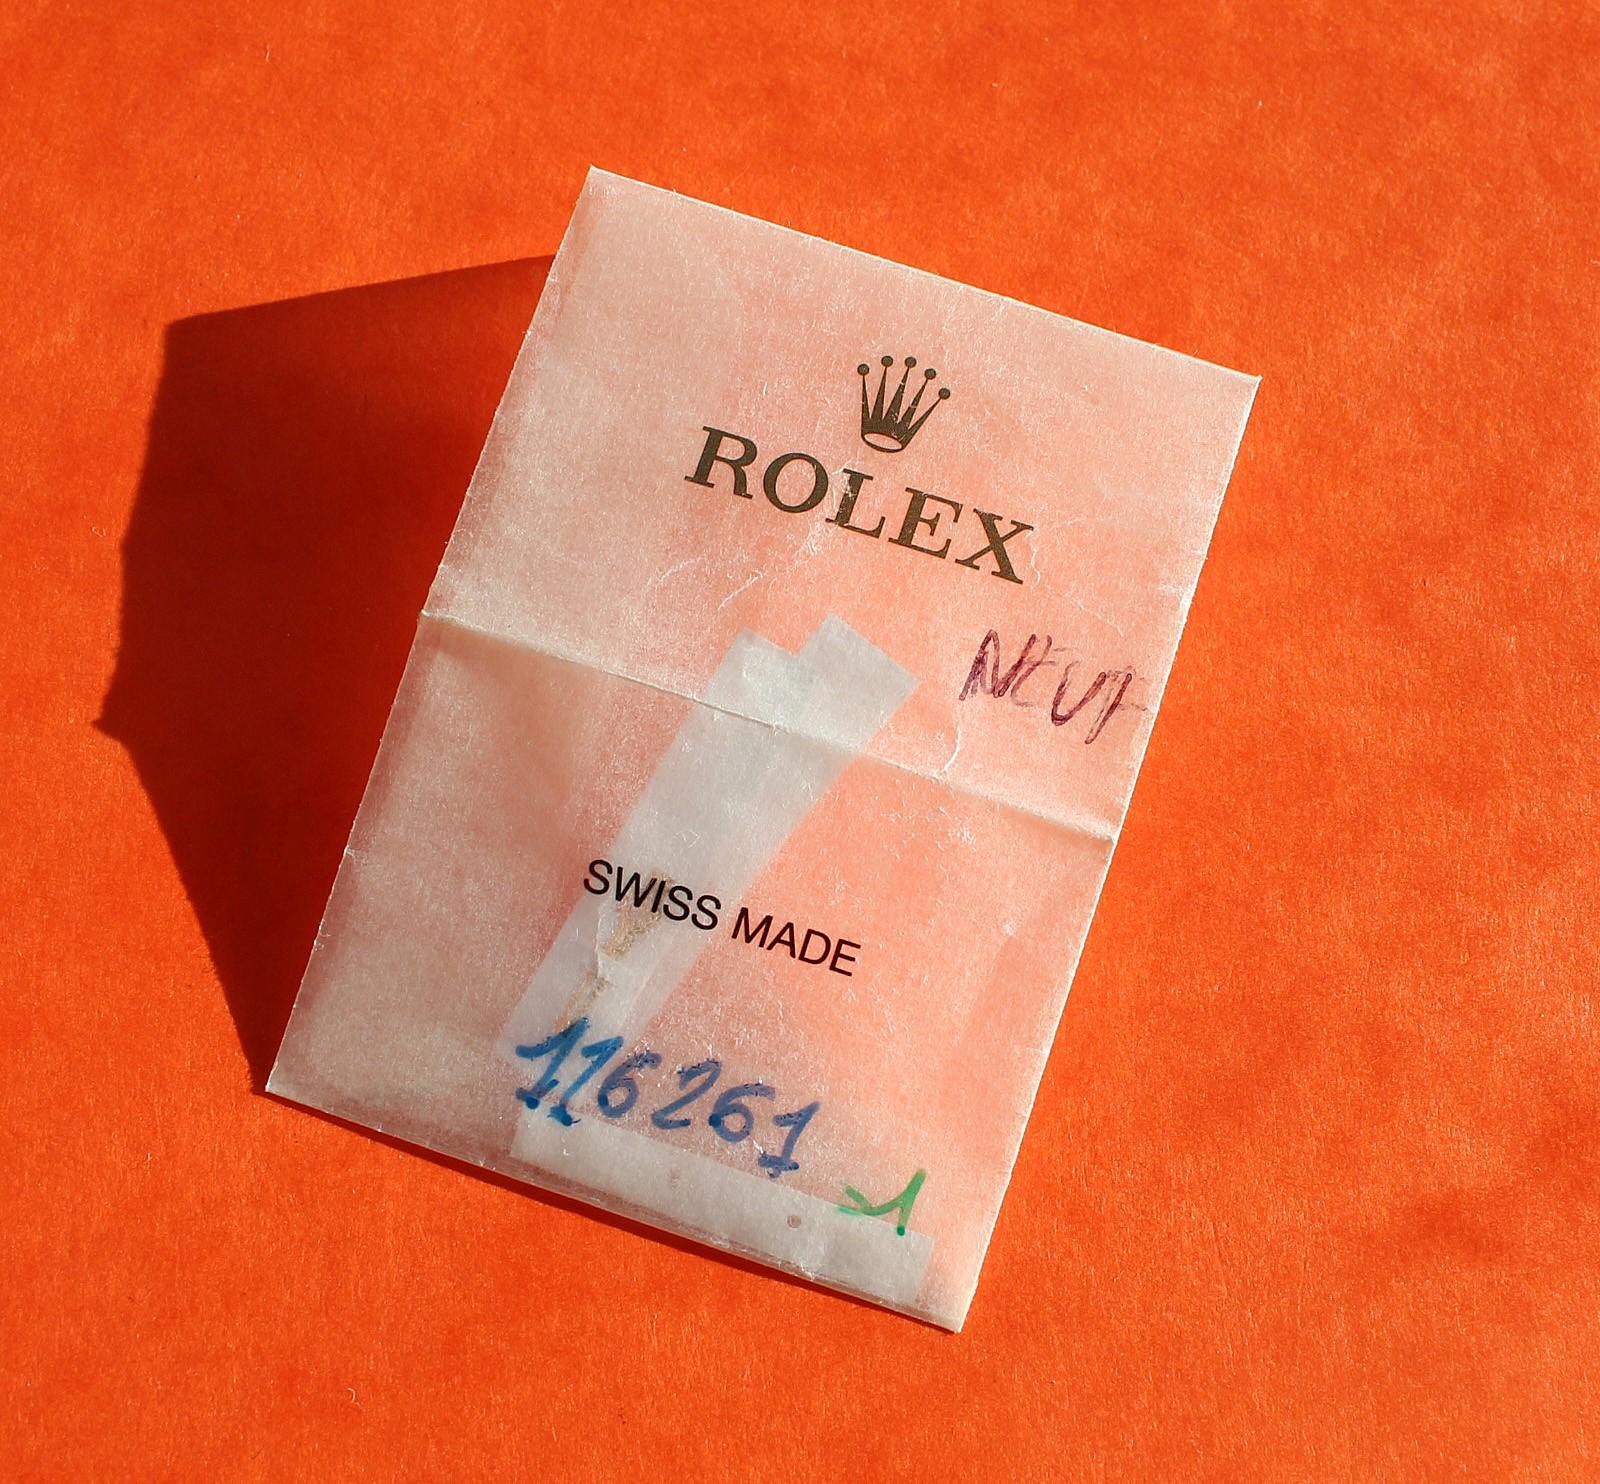 ROLEX VINTAGE SET AIGUILLES TRITIUM MONTRES SUBMARINER DATE TRANSITION ref 16800, 168000, 16610 couleur vanille cal 3035, 3135